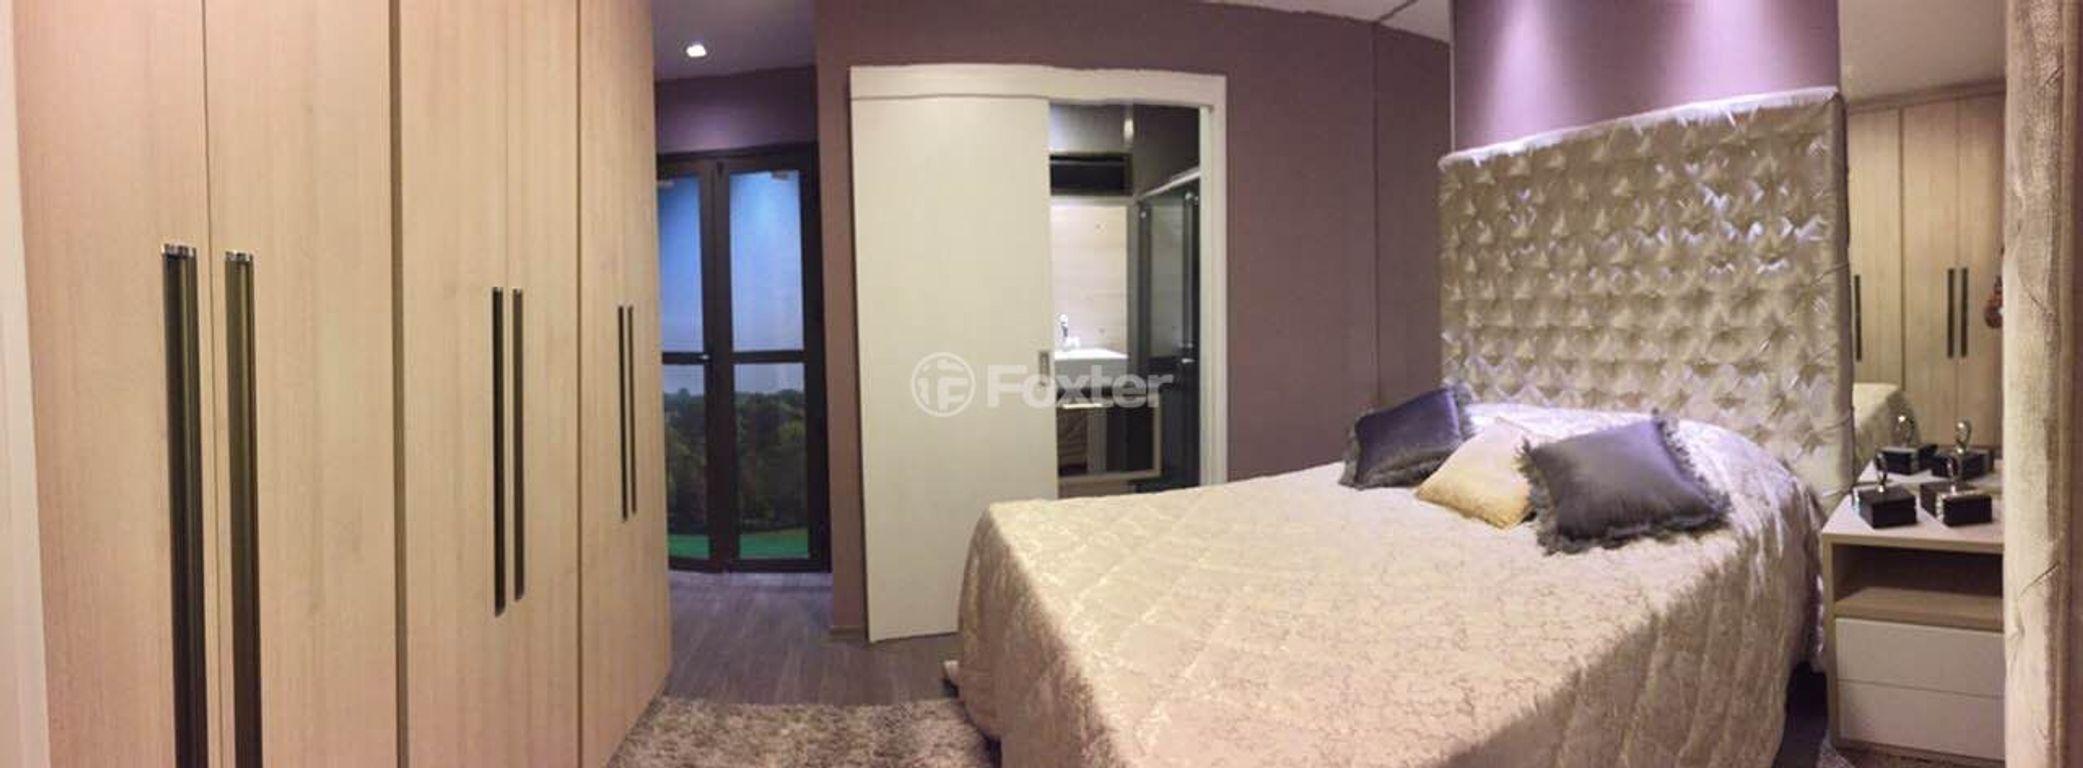 Casa 3 Dorm, Cristal, Porto Alegre (123585) - Foto 20